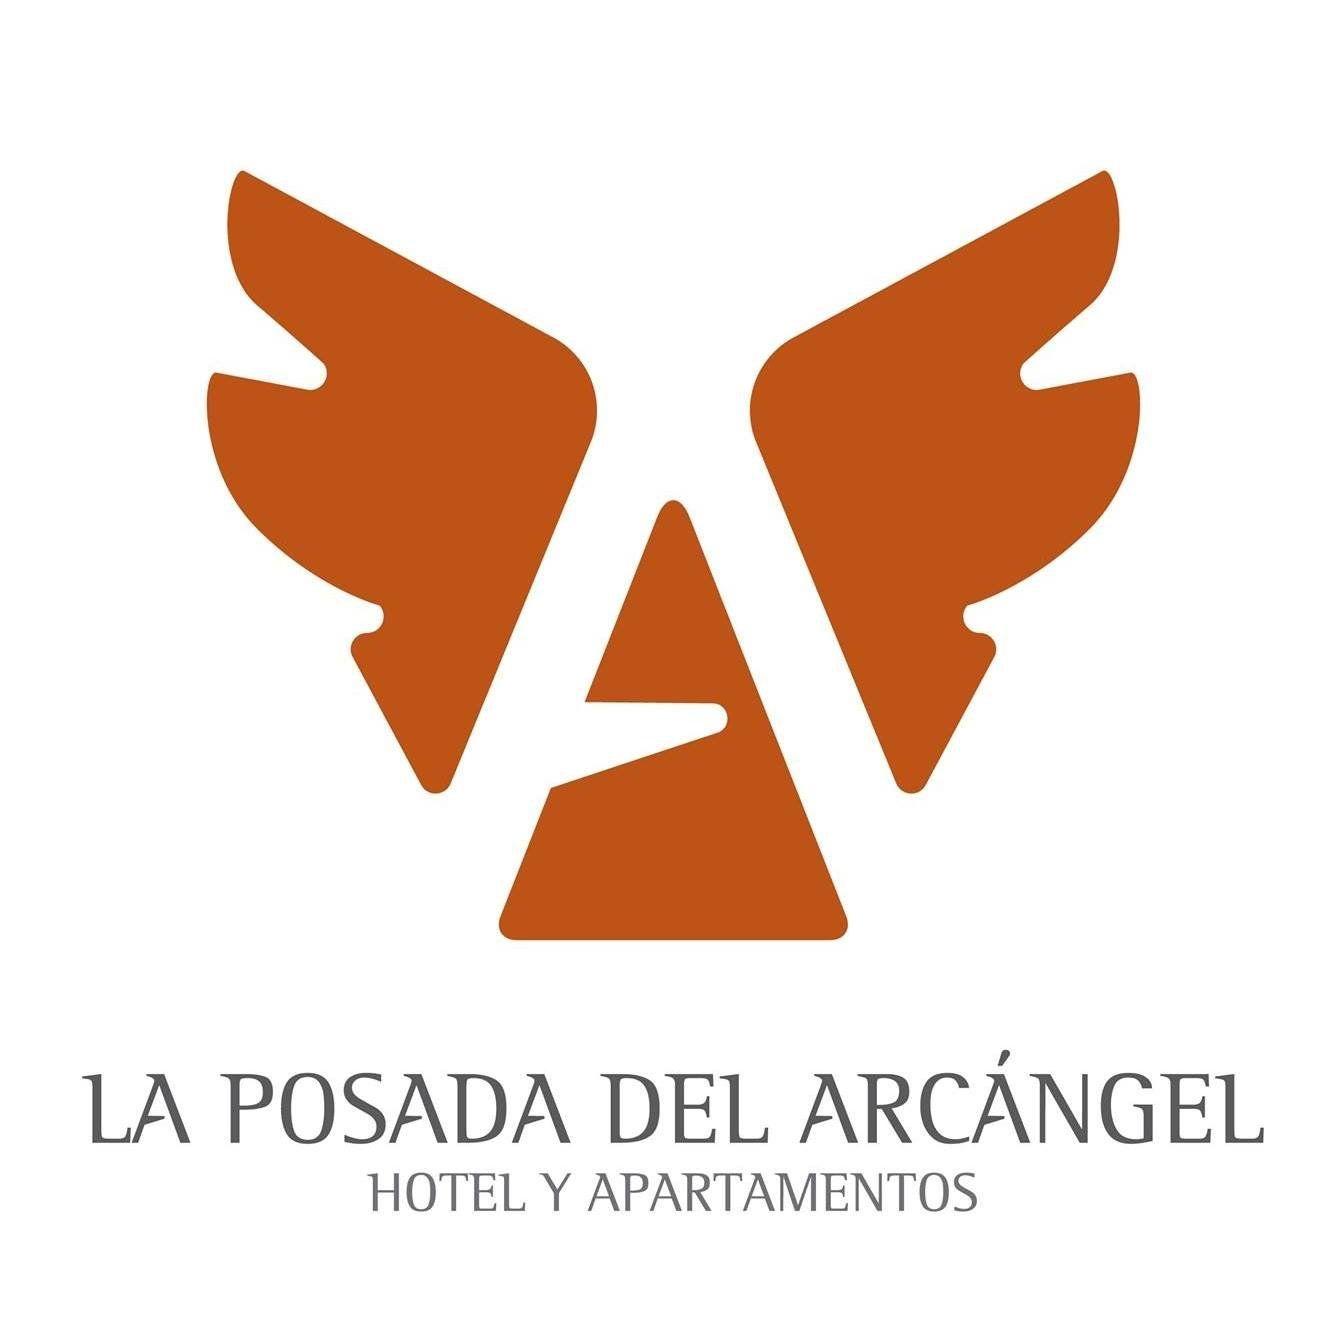 拉波萨达德尔阿康热尔住宿加早餐旅馆